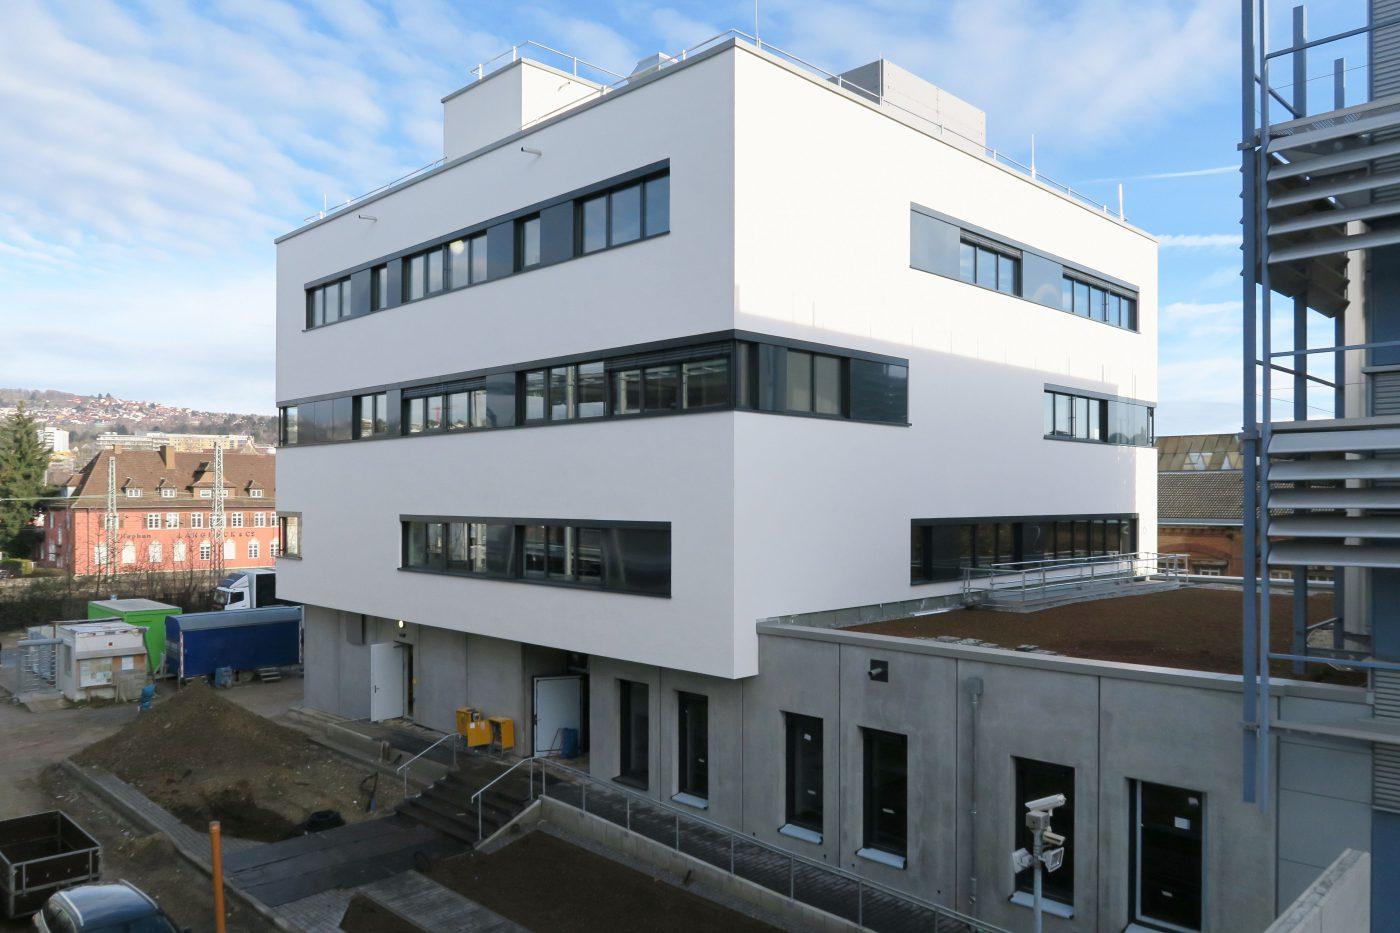 Wabe-Plan Architektur Büro- und Technikgebäude Esslingen